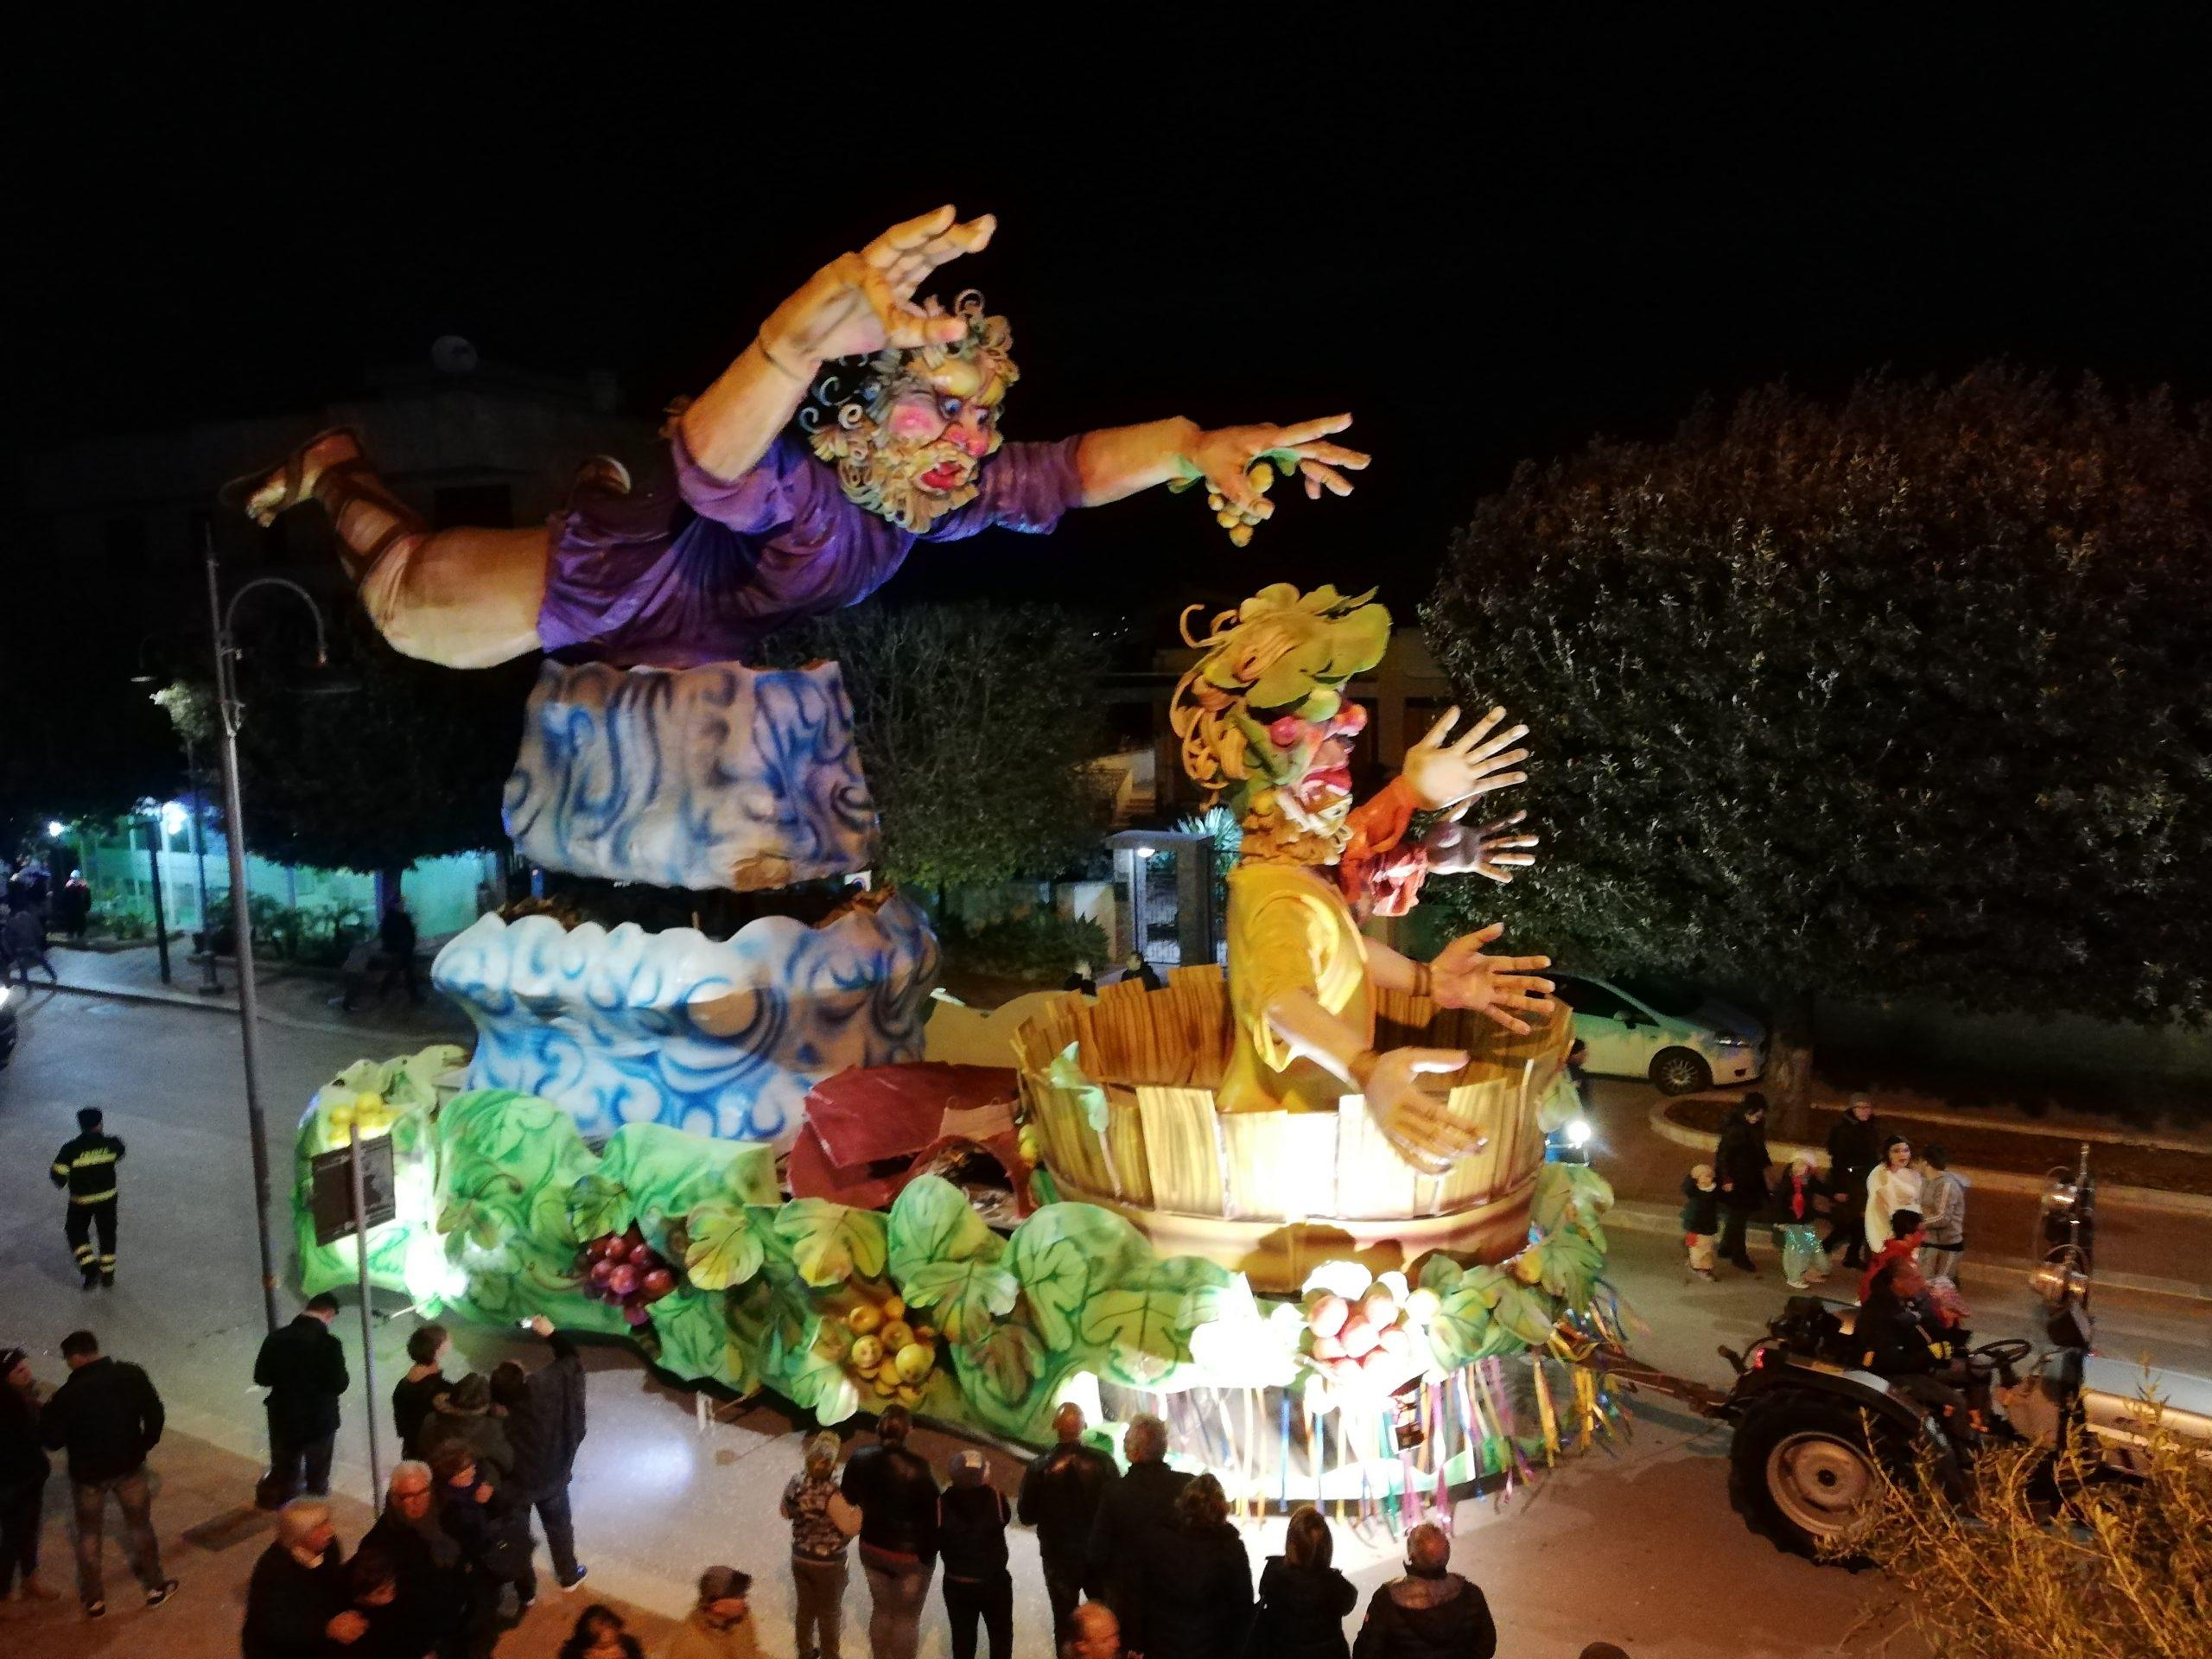 Carnevale Petrosino 2020: due avvisi per gruppi mascherati e itinerari enogastronomici